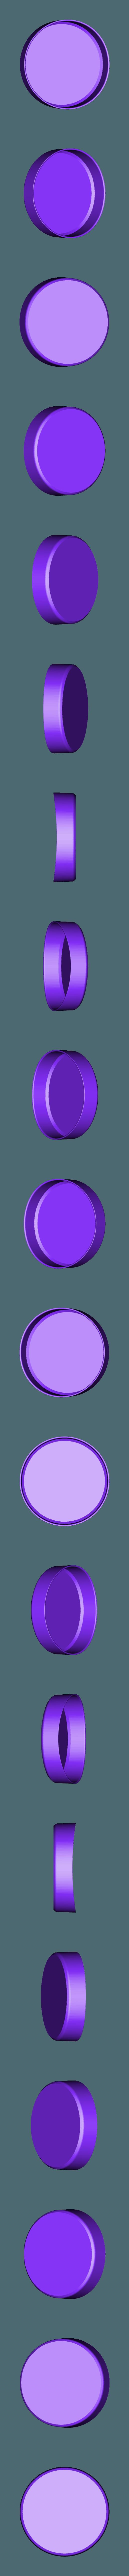 Mug.stl Download free STL file Soap Dish • 3D printing design, VICLER